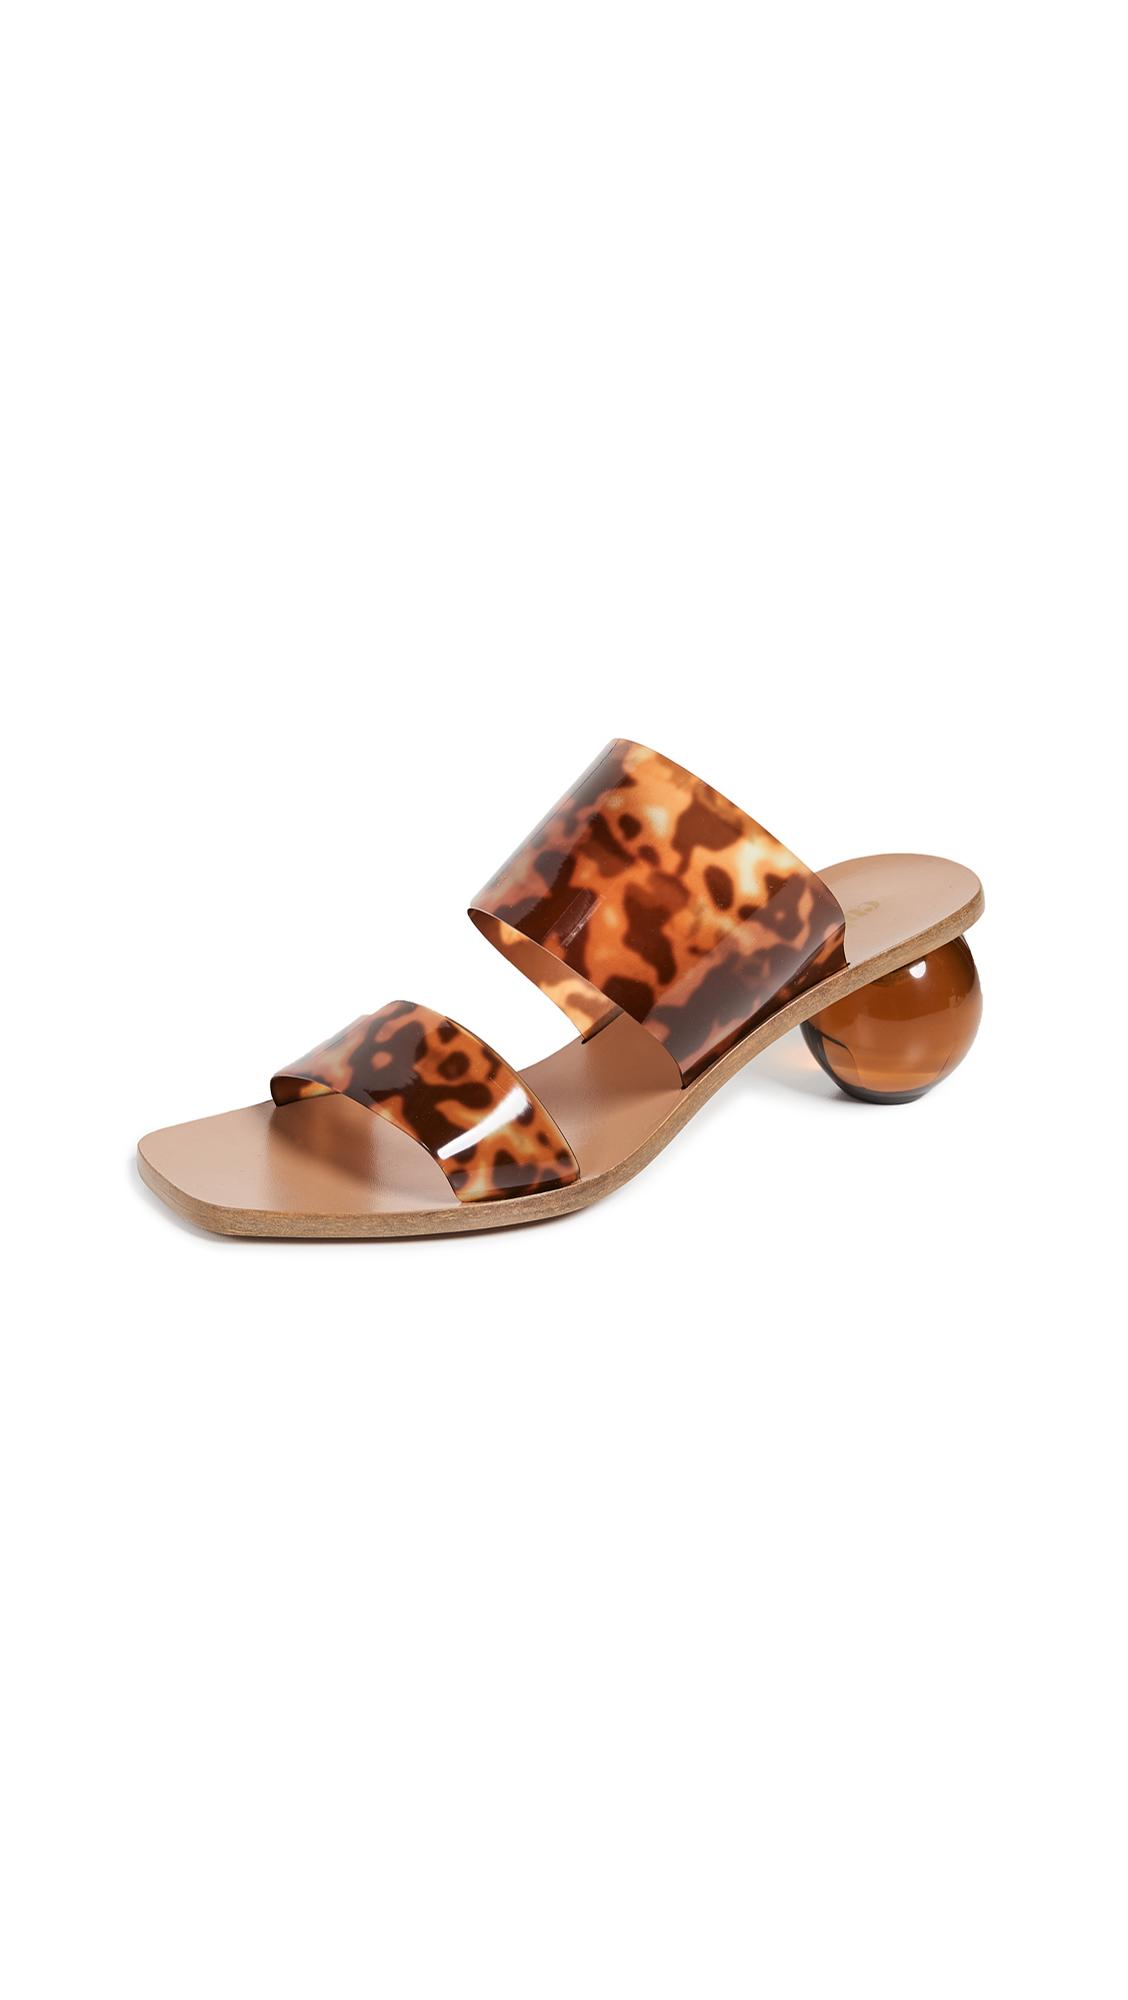 Buy Cult Gaia Jila Heel Slide Sandals online, shop Cult Gaia